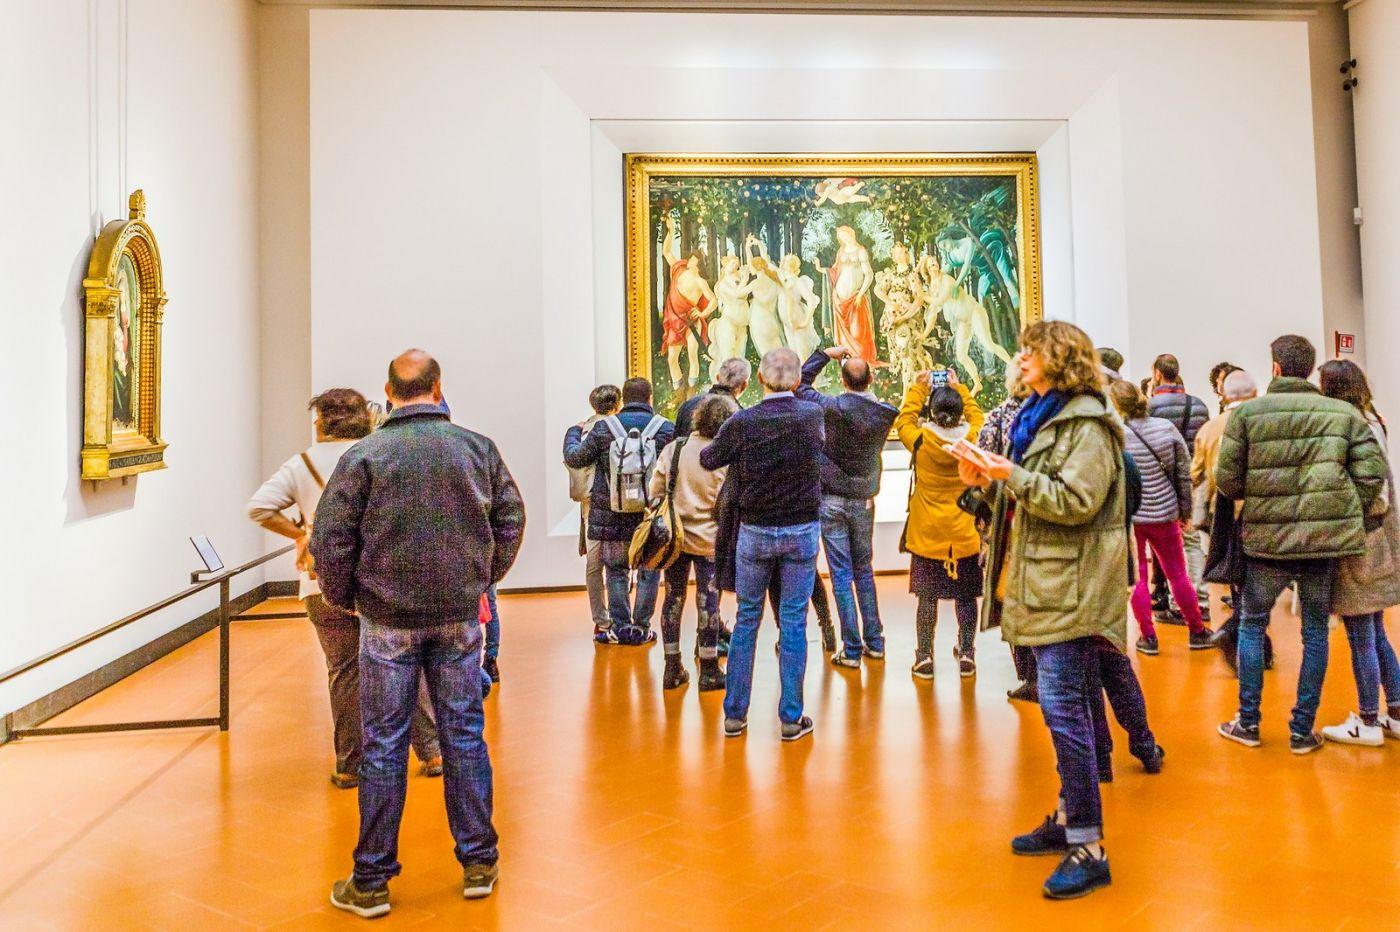 意大利佛罗伦斯乌菲兹美术馆, 藏品大展_图1-2